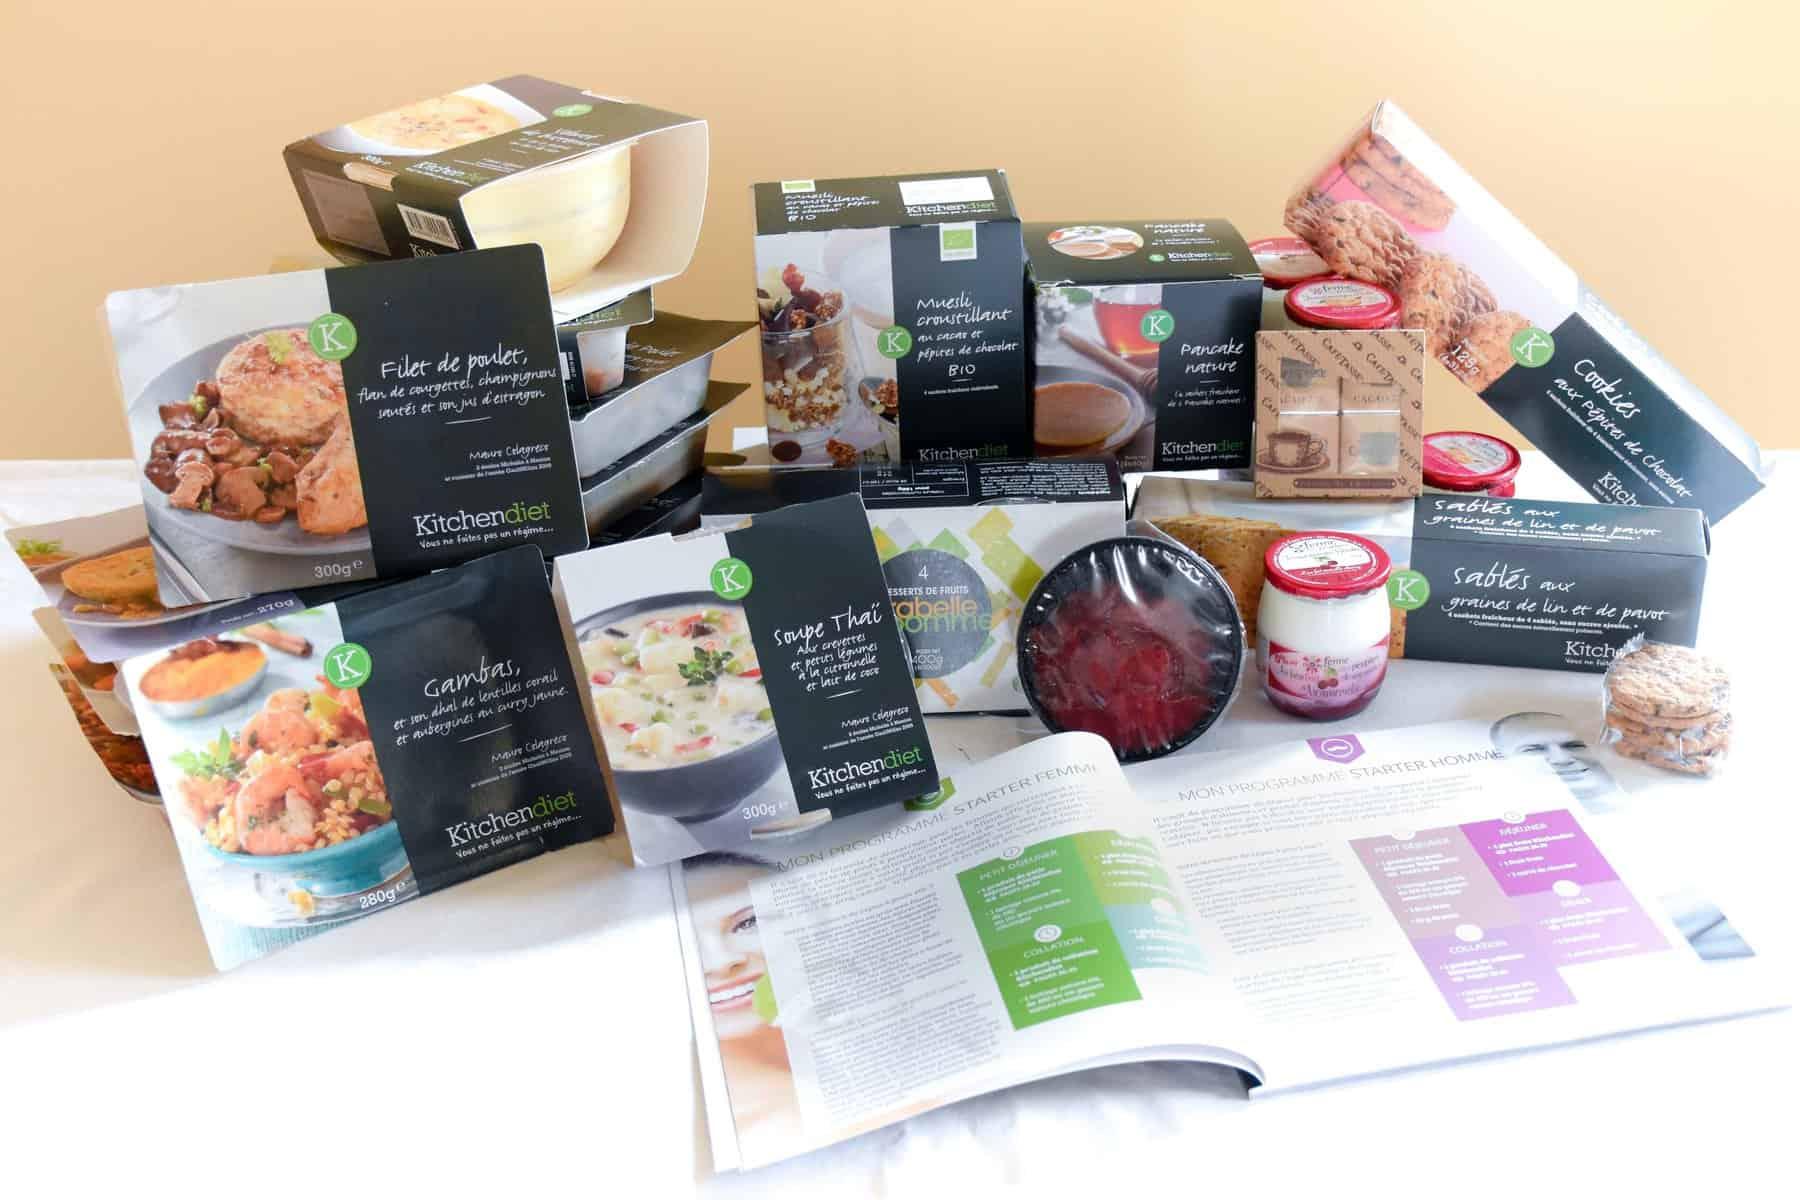 Kitchendiet plats minceur livr s domicile toutes les box - Plats cuisines livres a domicile ...